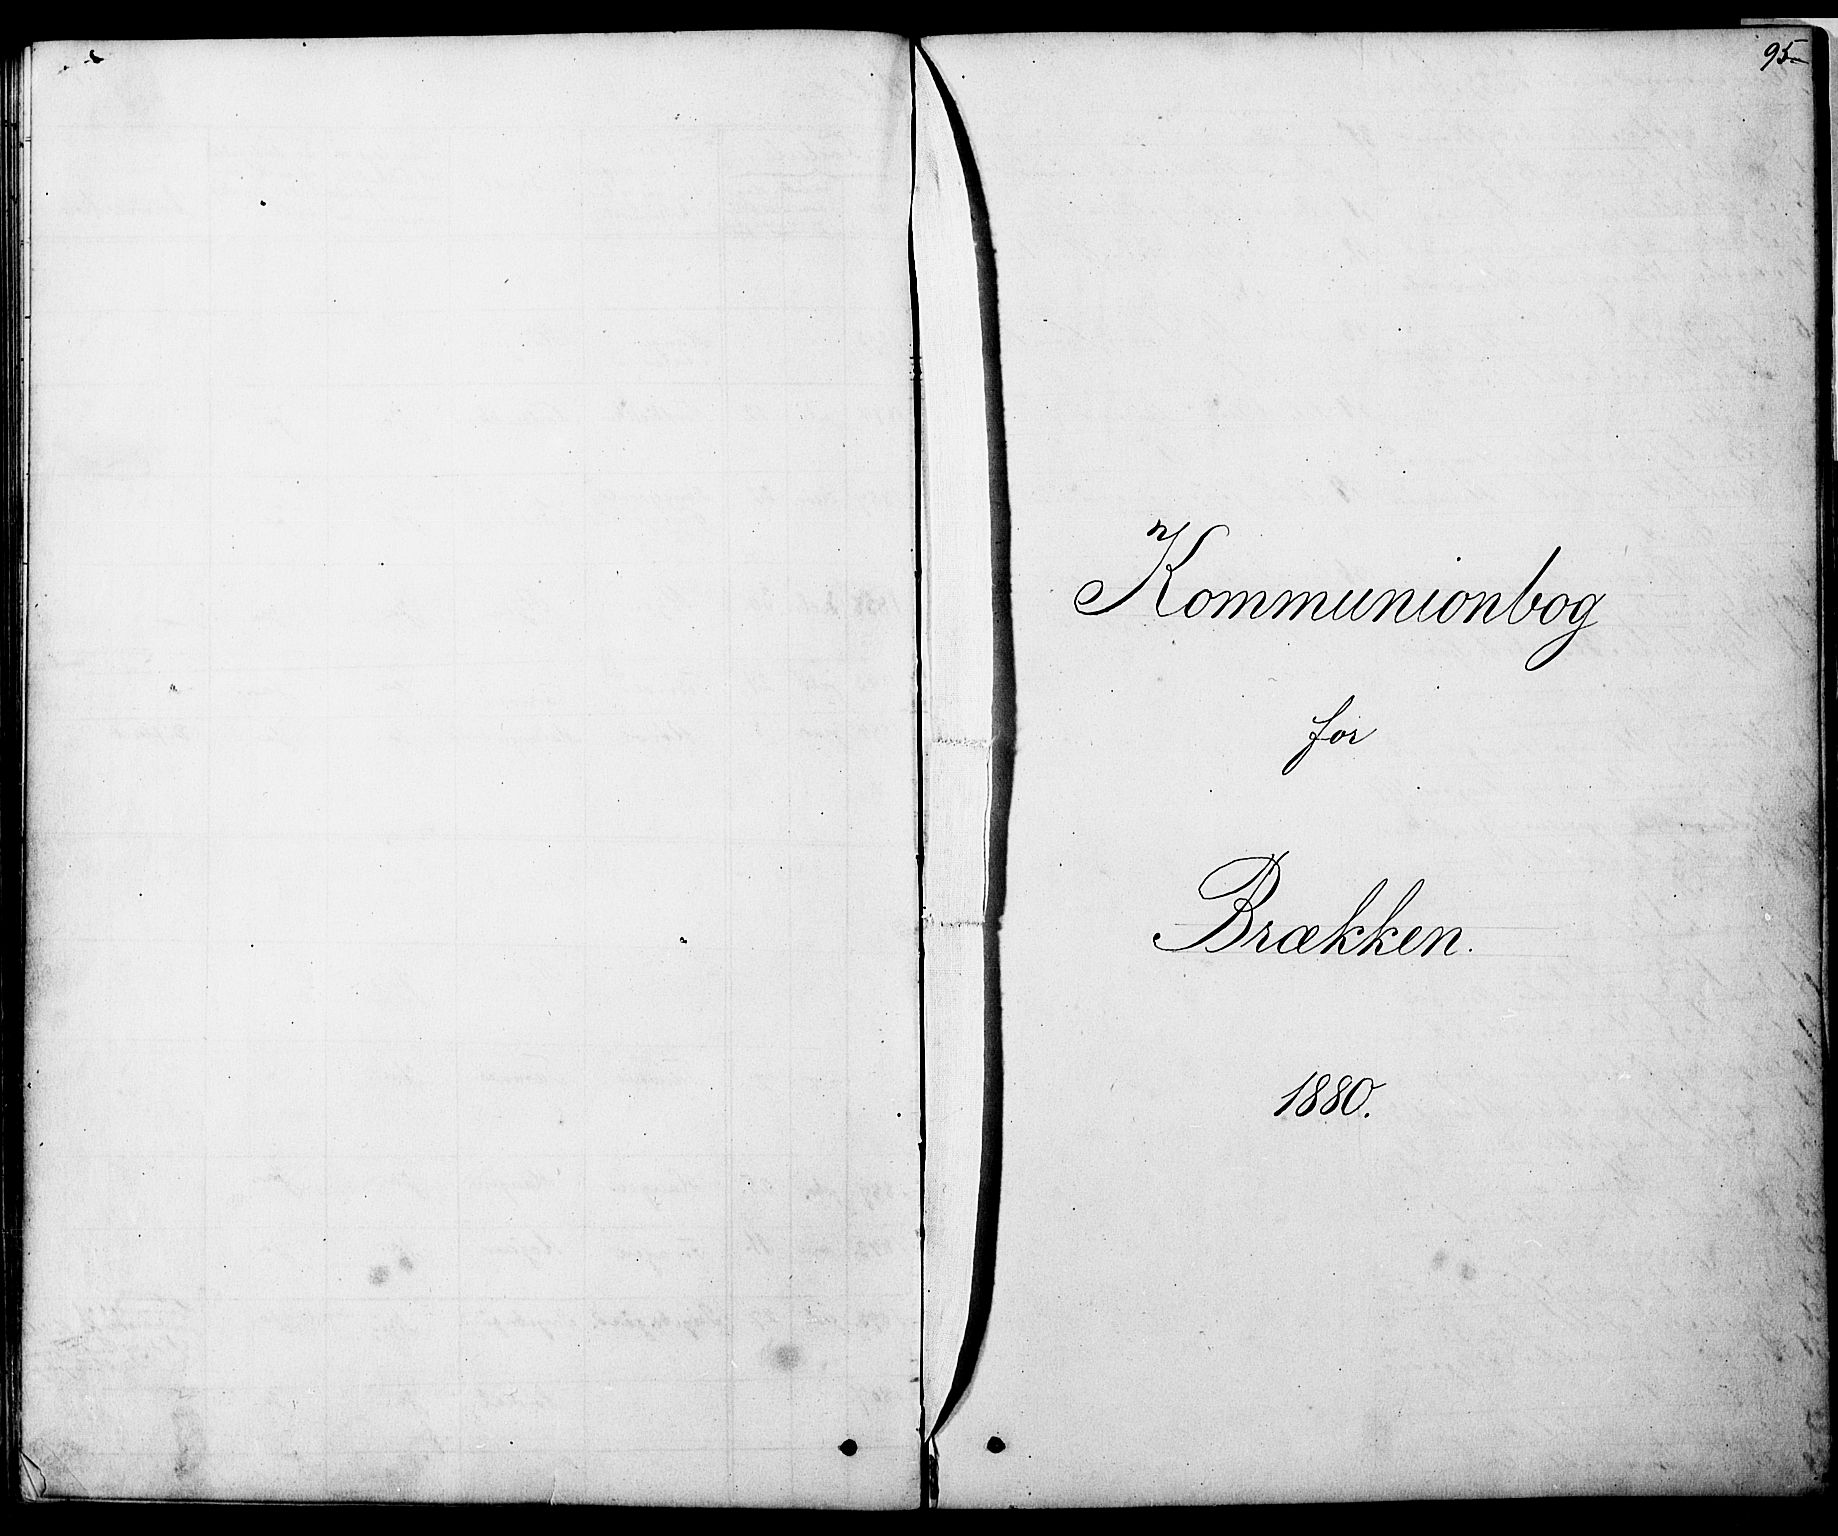 SAT, Ministerialprotokoller, klokkerbøker og fødselsregistre - Sør-Trøndelag, 683/L0949: Klokkerbok nr. 683C01, 1880-1896, s. 95